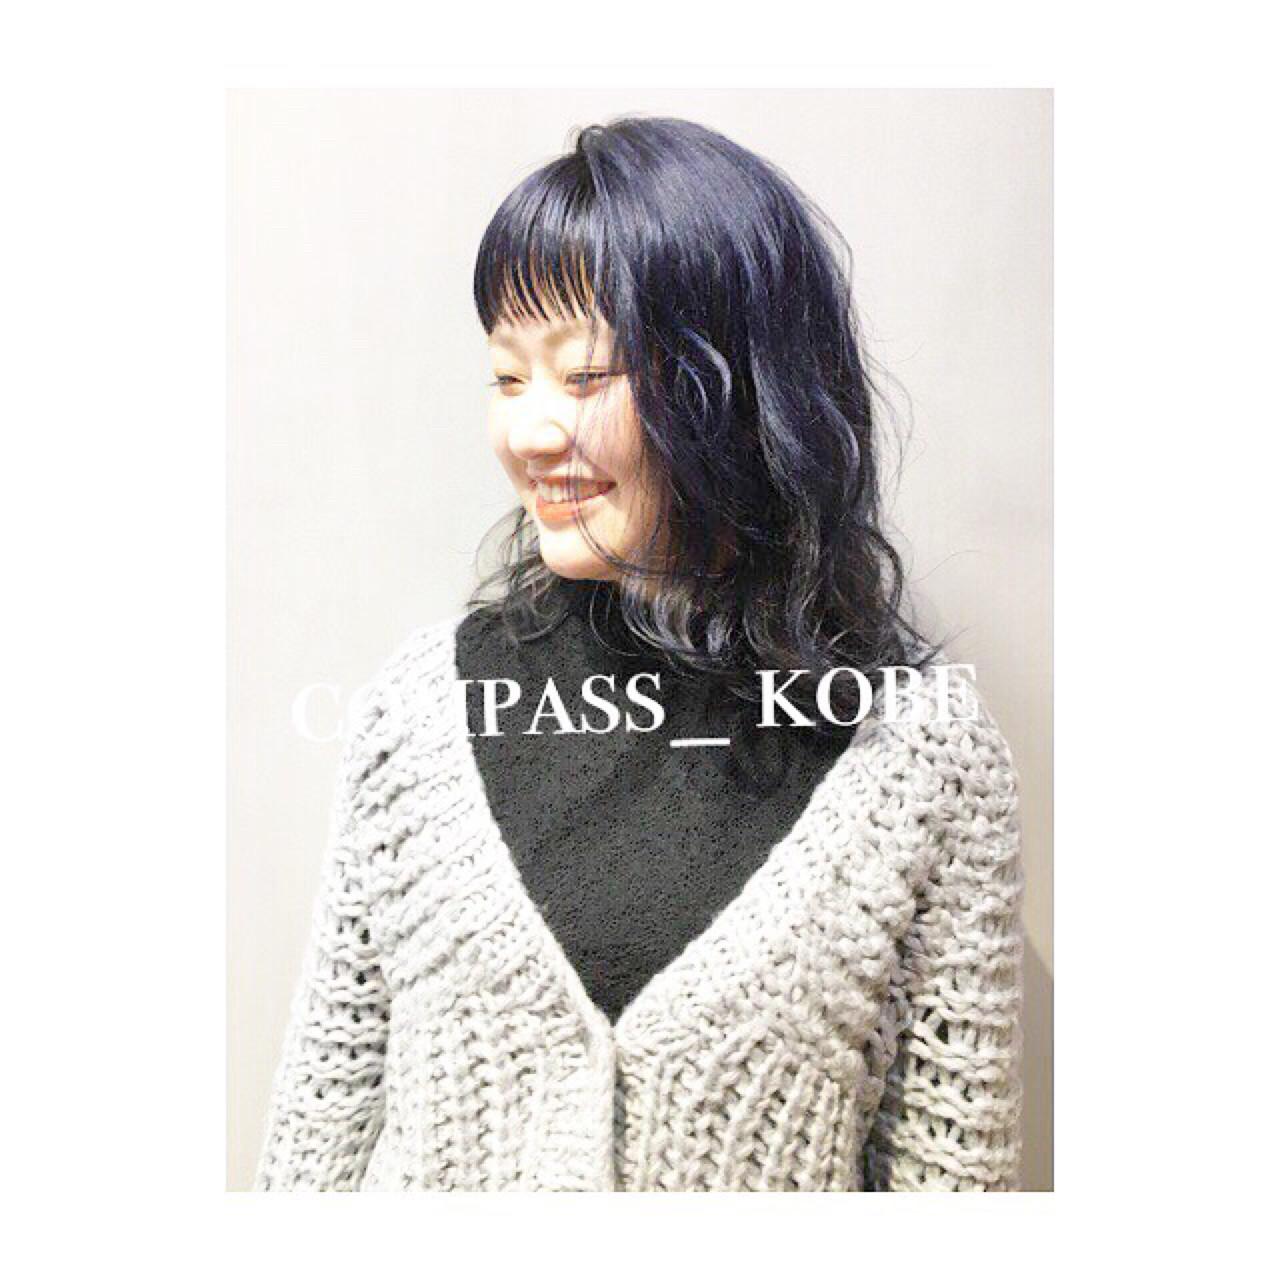 色気 シースルーバング こなれ感 前髪あり ヘアスタイルや髪型の写真・画像 | COM PASS 太一 / COM PASS